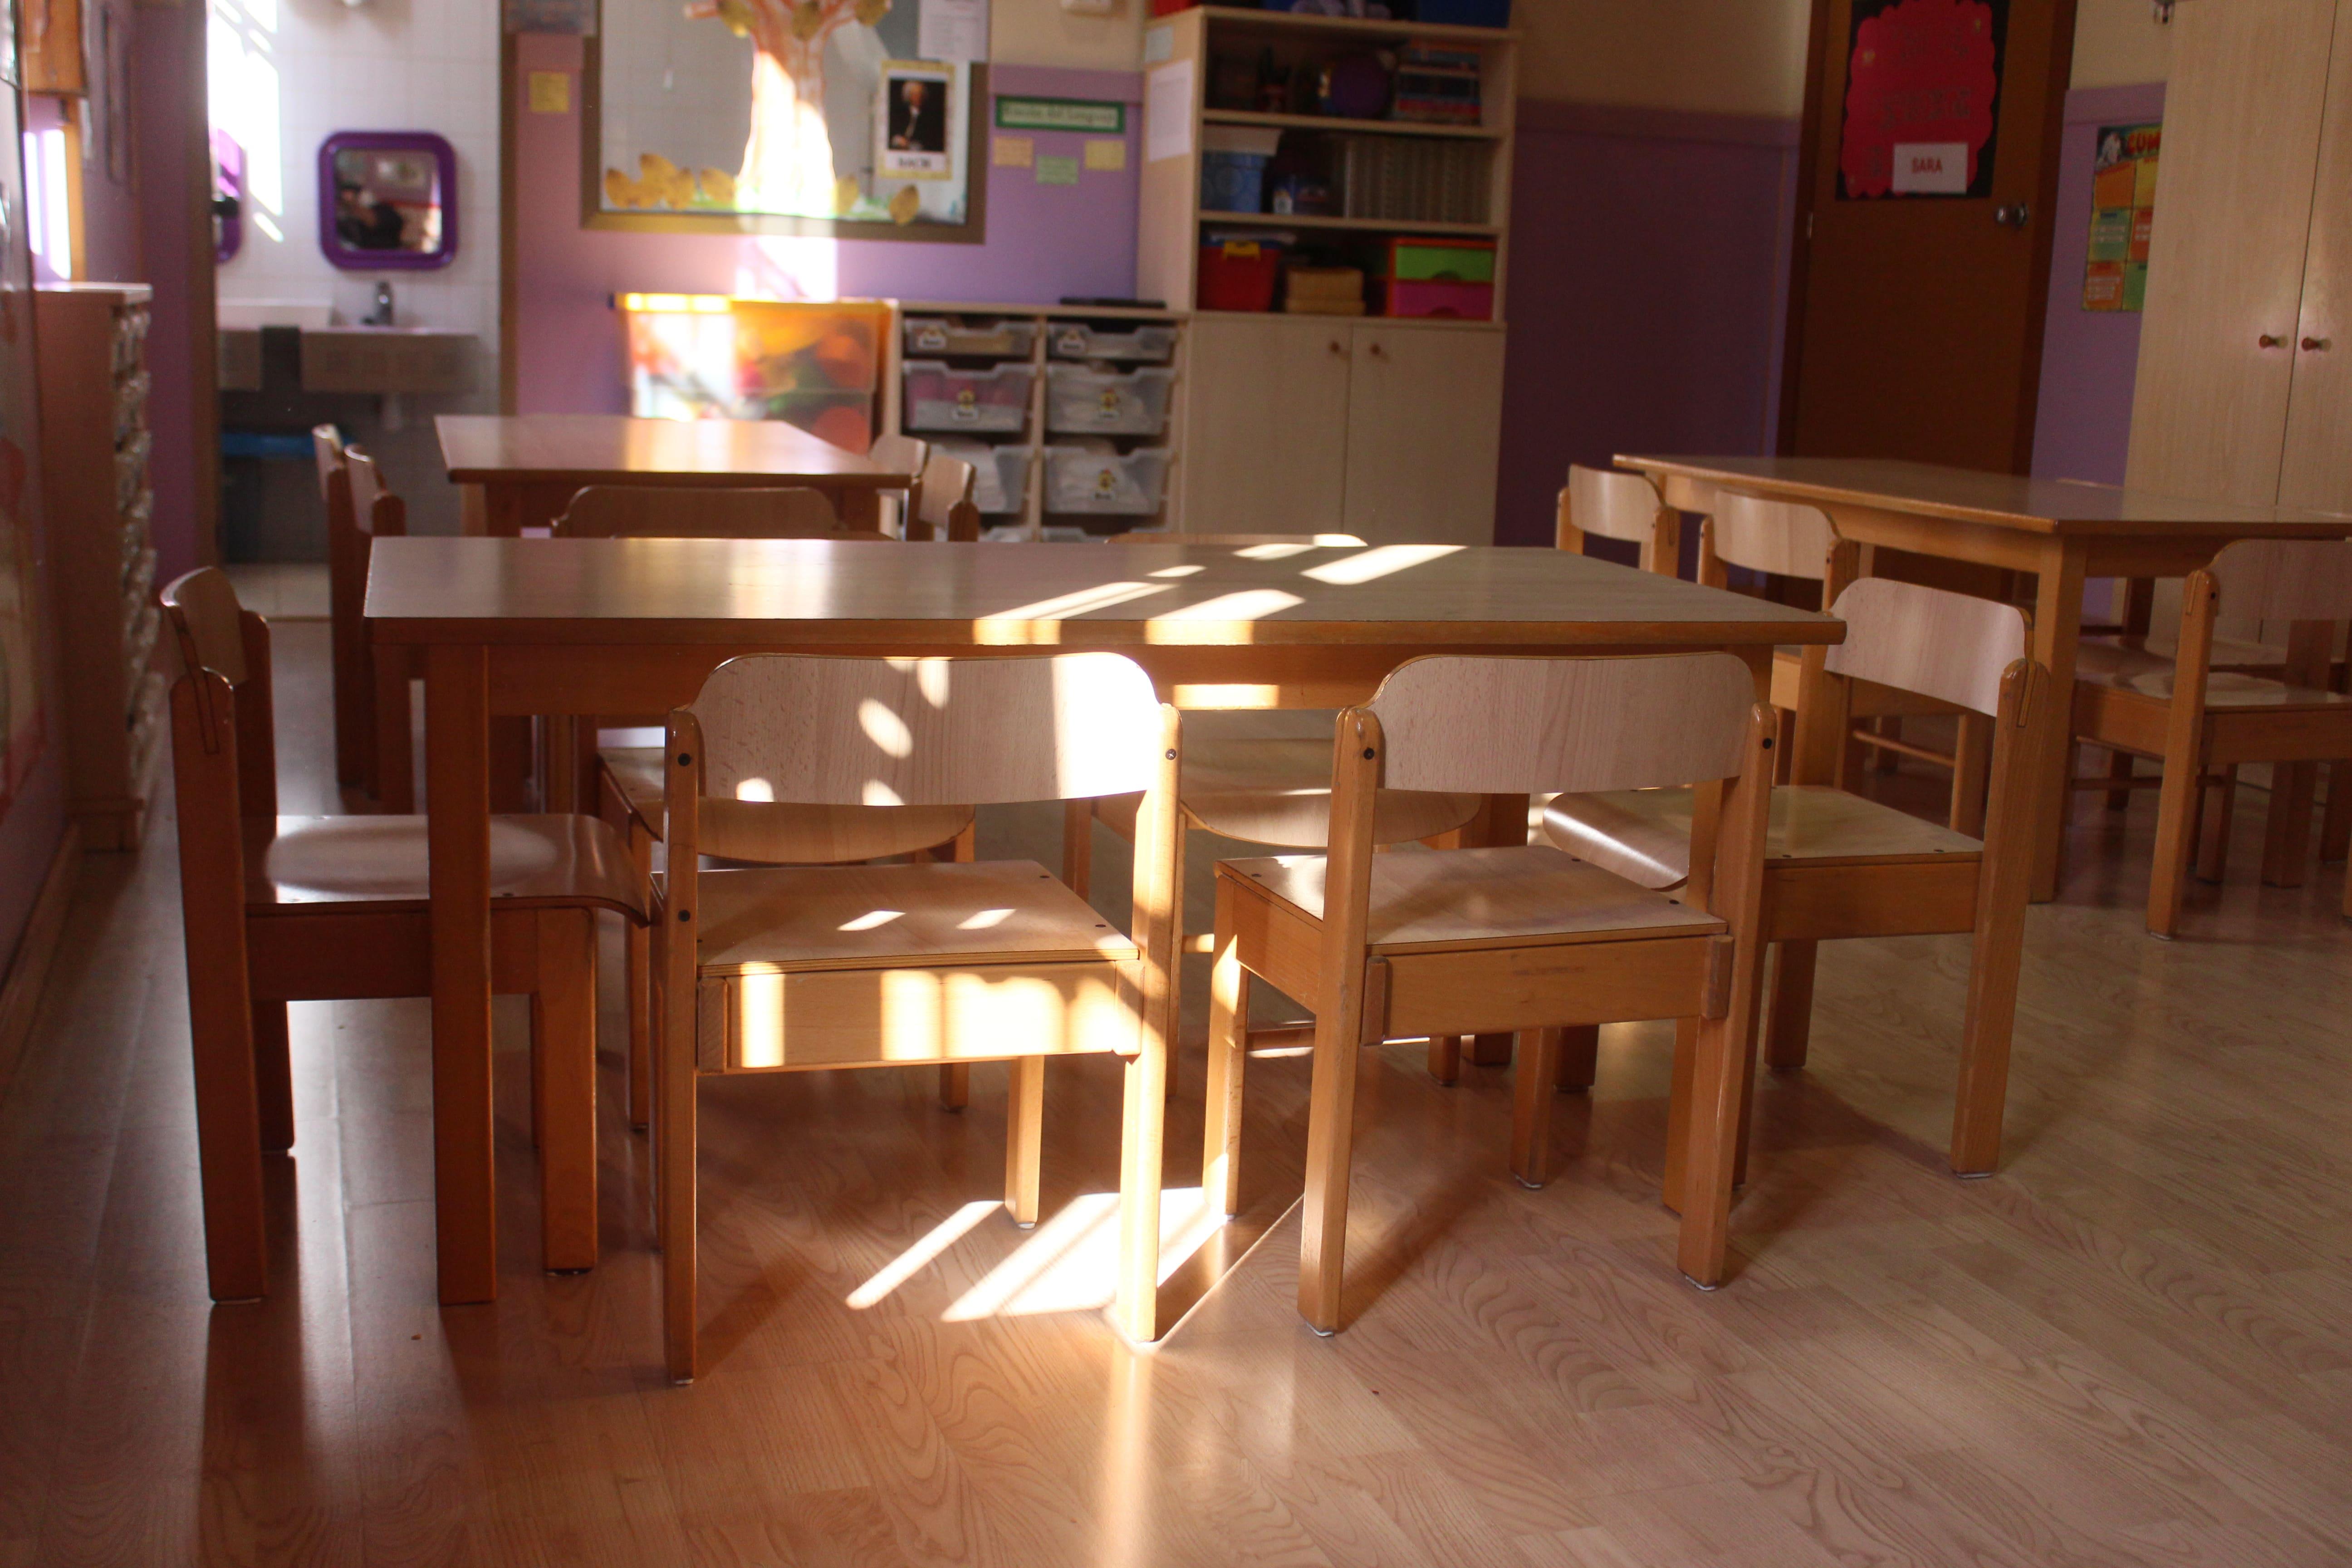 escuela infantil bilingüe en Valencia - clase con sol